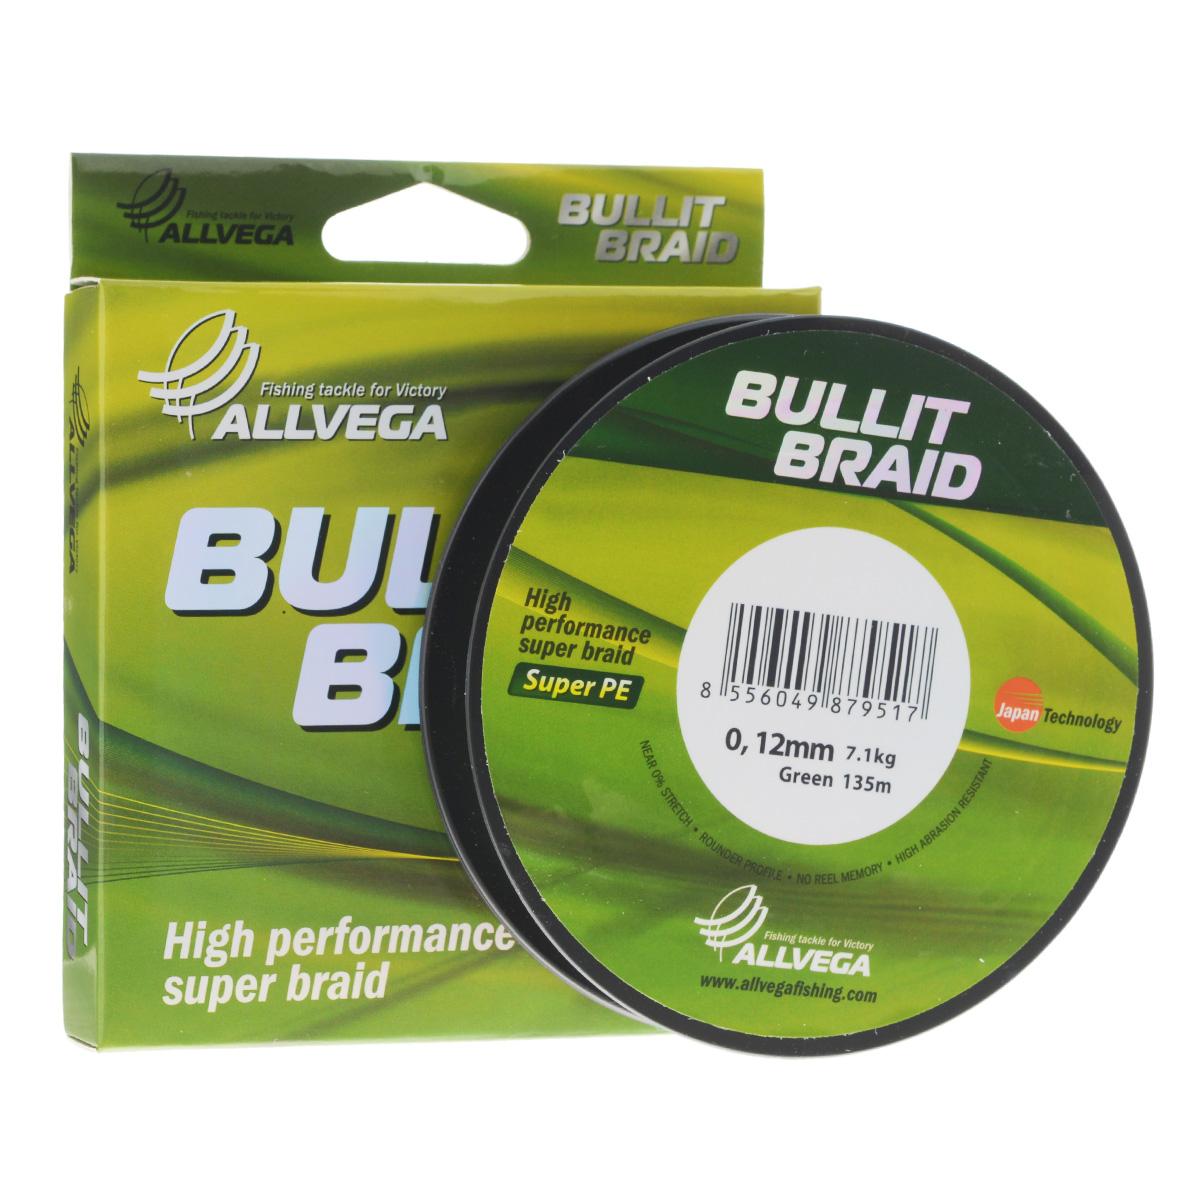 Леска плетеная Allvega Bullit Braid, цвет: темно-зеленый, 135 м, 0,12 мм, 7,1 кг39947Леска Allvega Bullit Braid с гладкой поверхностью и одинаковым сечением по всей длине обладает высокой износостойкостью. Благодаря микроволокнам полиэтилена (Super PE) леска имеет очень плотное плетение и не впитывает воду. Леску Allvega Bullit Braid можно применять в любых типах водоемов. Особенности:повышенная износостойкость;высокая чувствительность - коэффициент растяжения близок к нулю;отсутствует память; идеально гладкая поверхность позволяет увеличить дальность забросов; высокая прочность шнура на узлах.